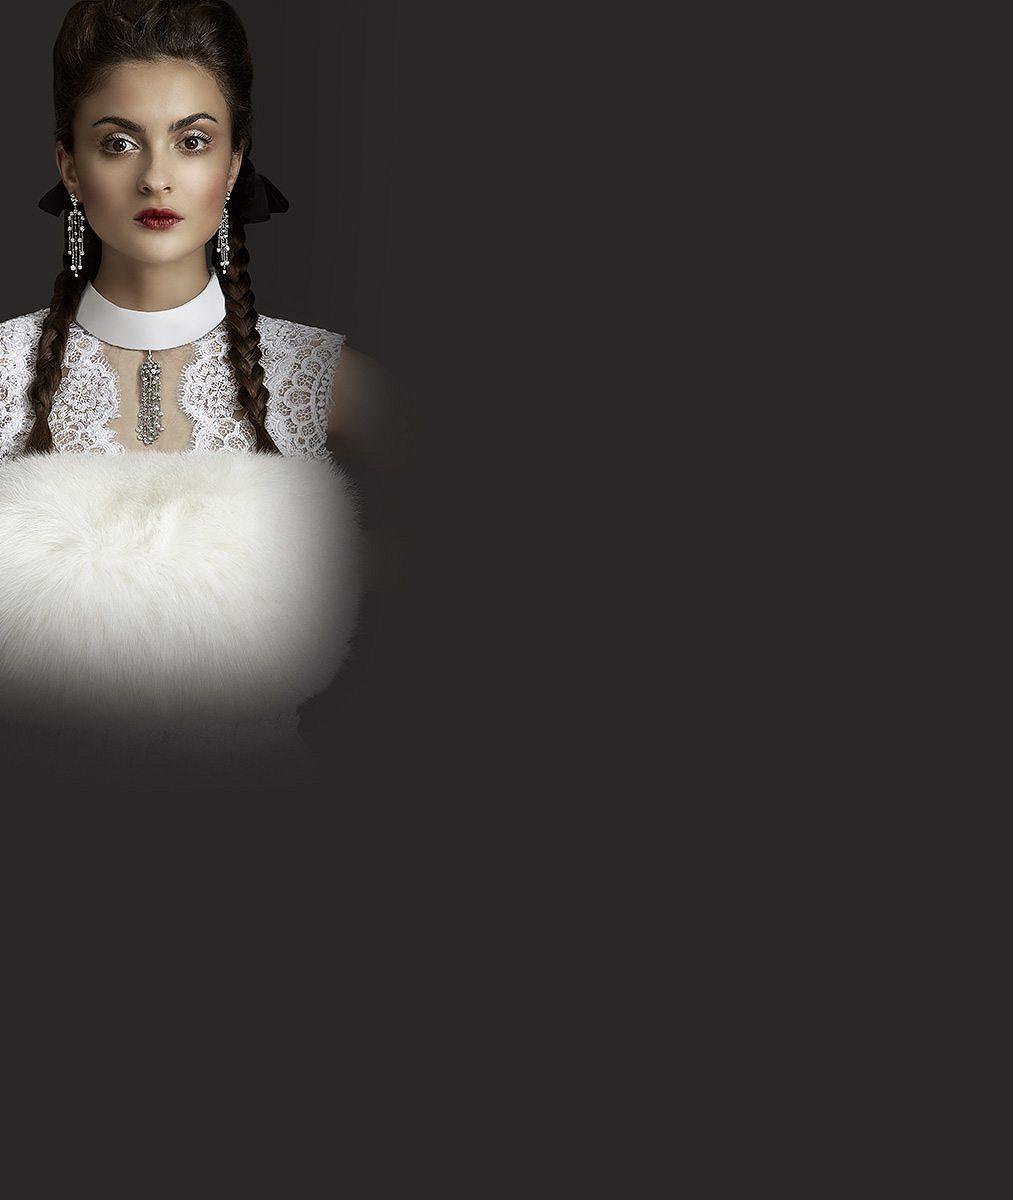 Mladší verze Šafránkové zahalená vluxusu za statisíce: Ona ale raději obléká věci zdruhé ruky apánská trika